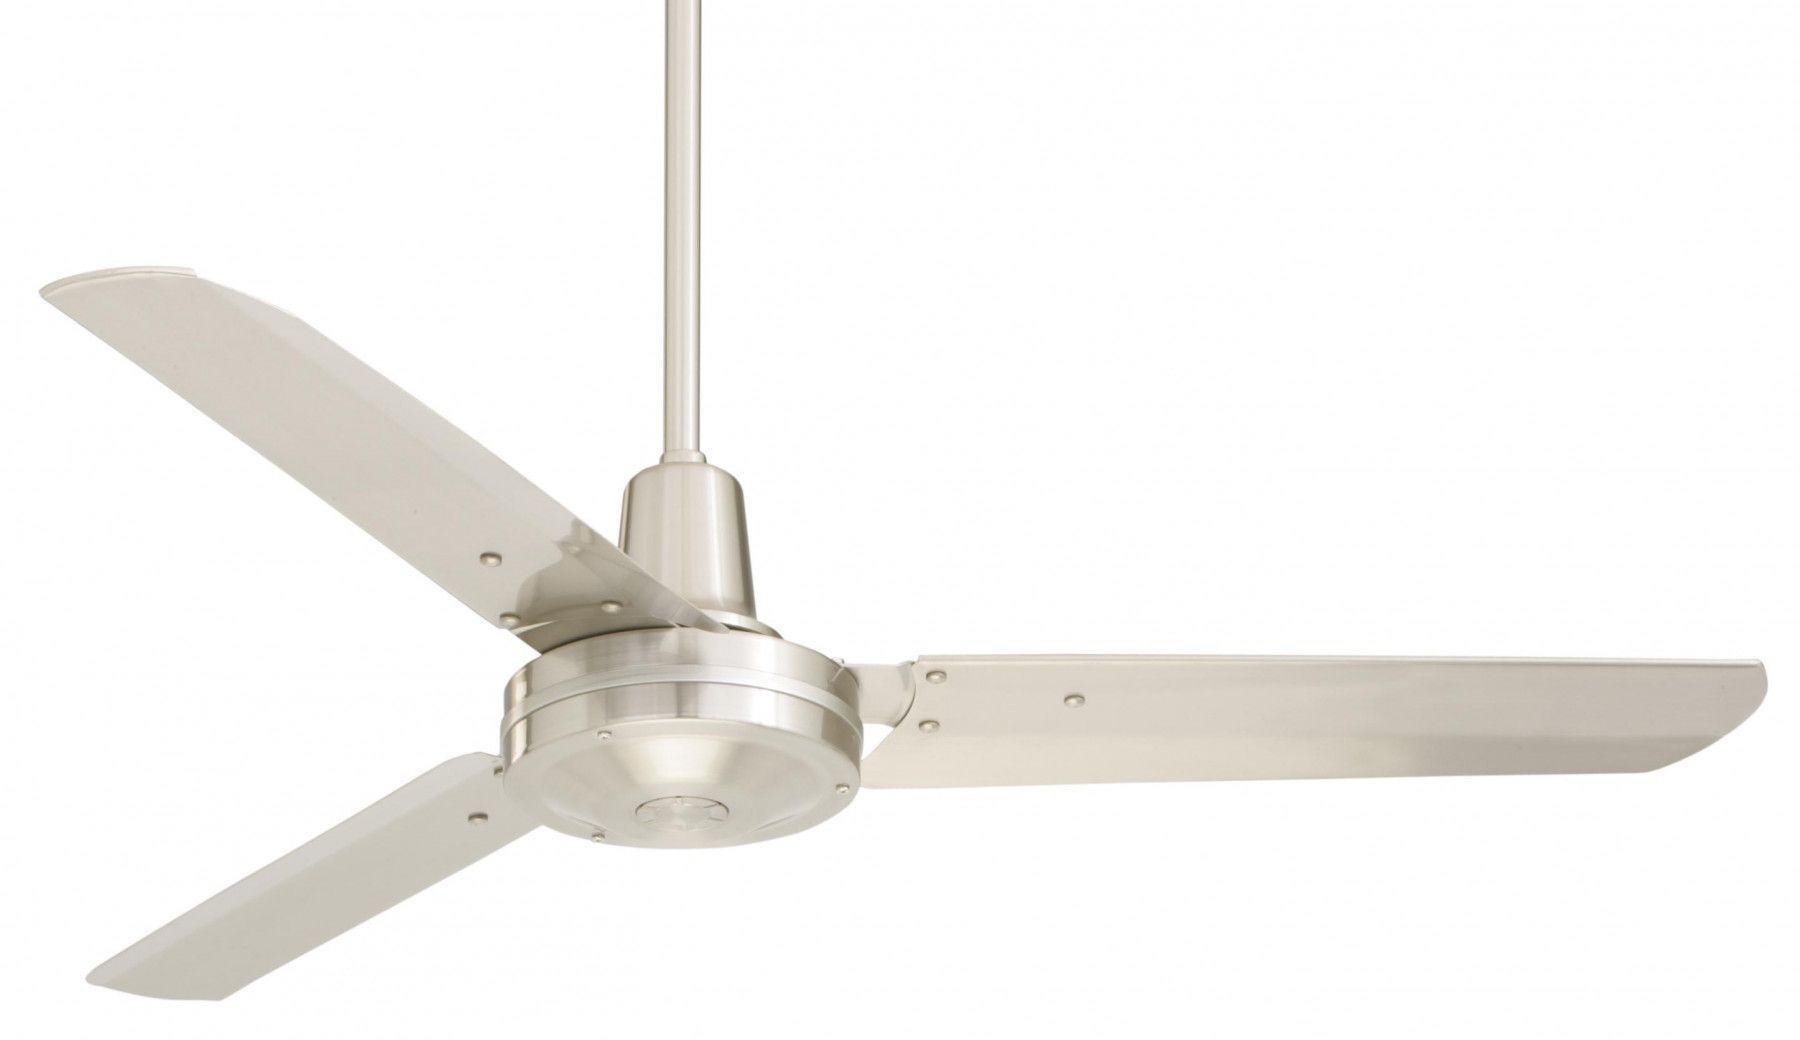 Emerson Heat Fan 48 Ceiling Fan Model Hf948bs In Brushed Steel Heat Fan Ceiling Fan Brushed Steel